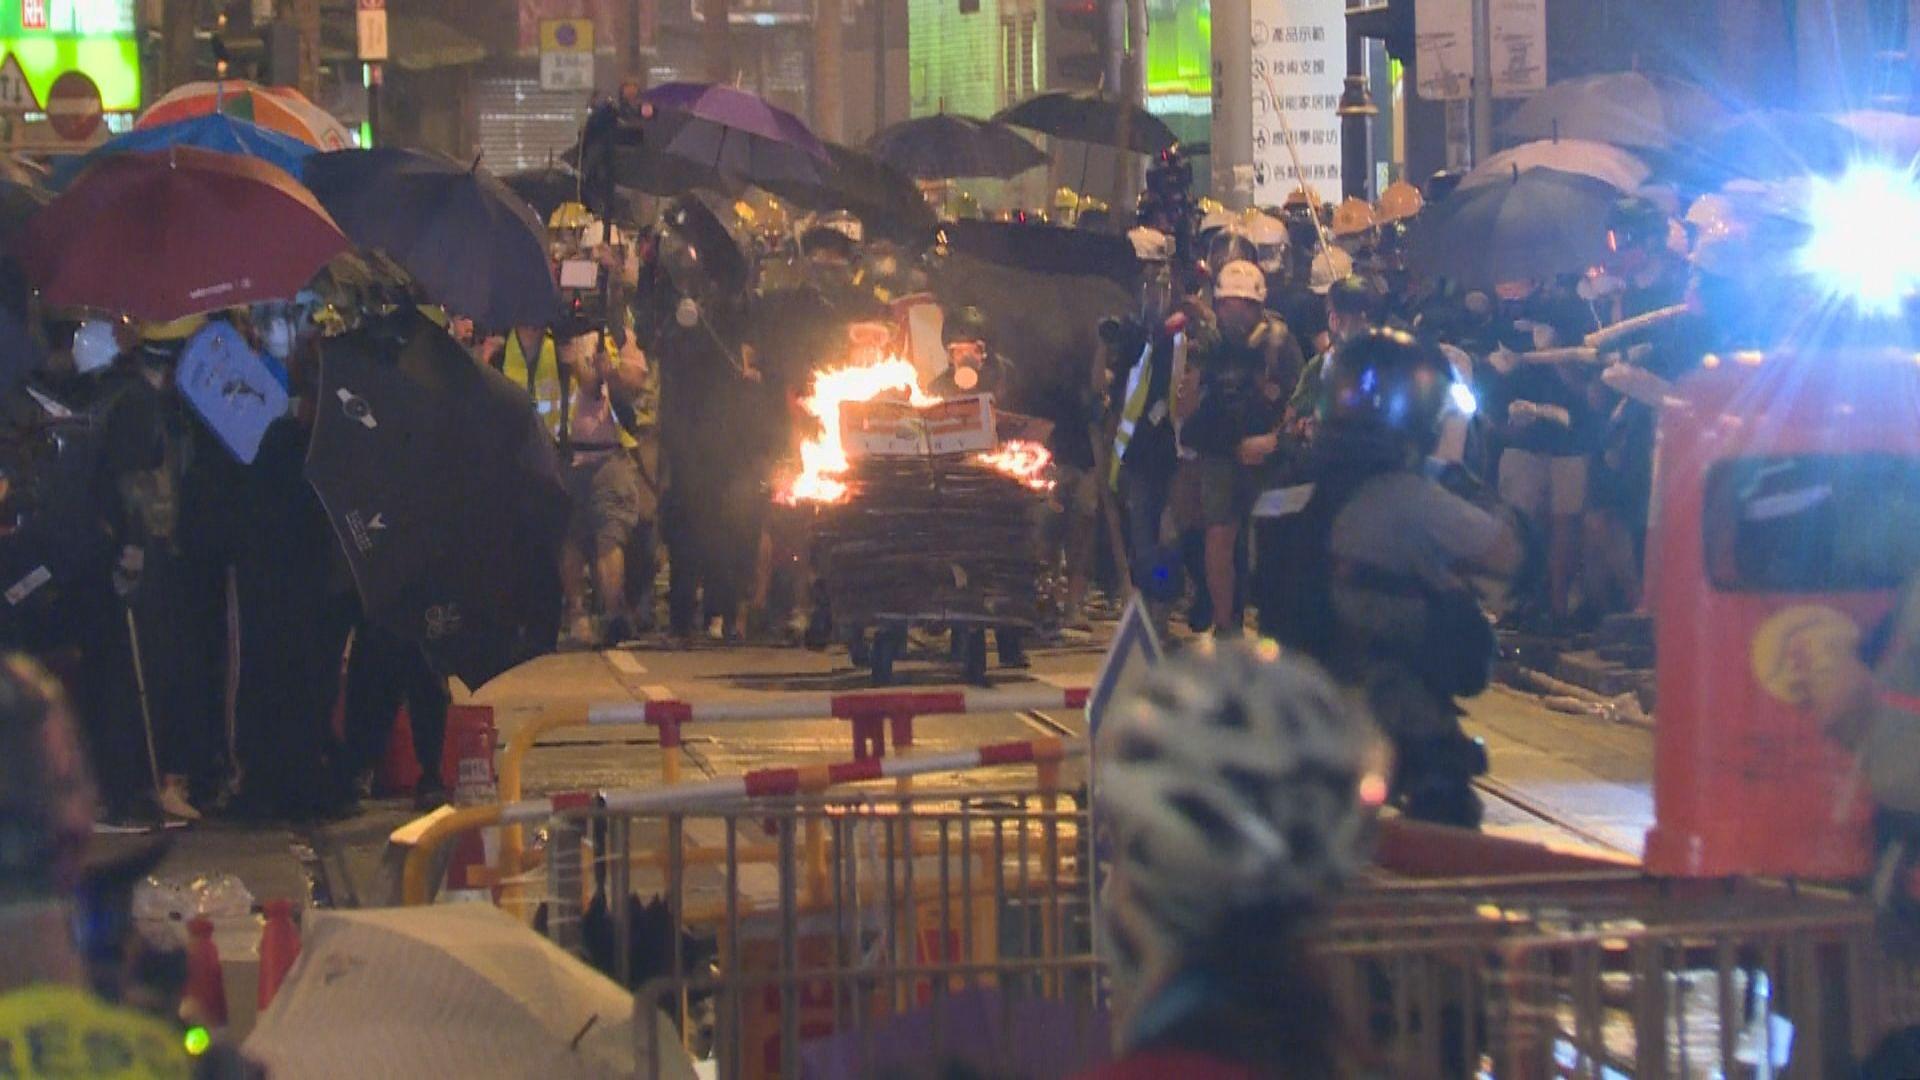 周日中西區衝突 警將落案起訴44人涉暴動